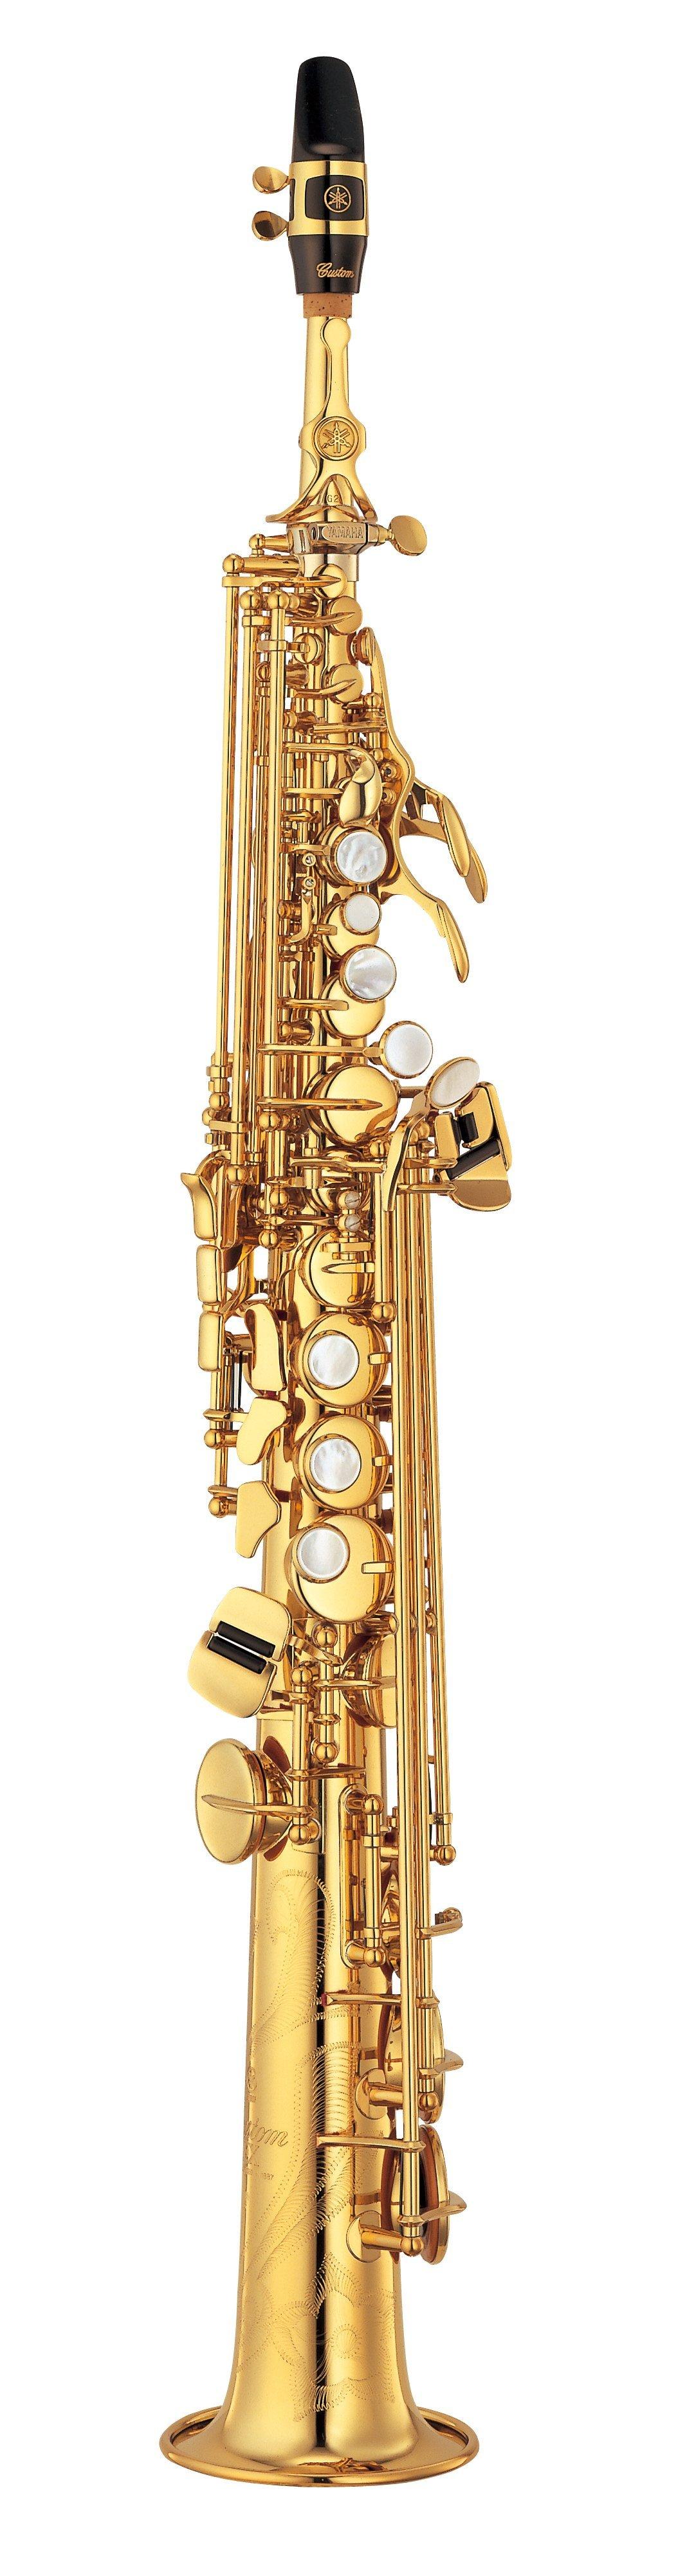 Yamaha - YSS-875-EXHG - gerade - Holzblasinstrumente - Saxophone | MUSIK BERTRAM Deutschland Freiburg